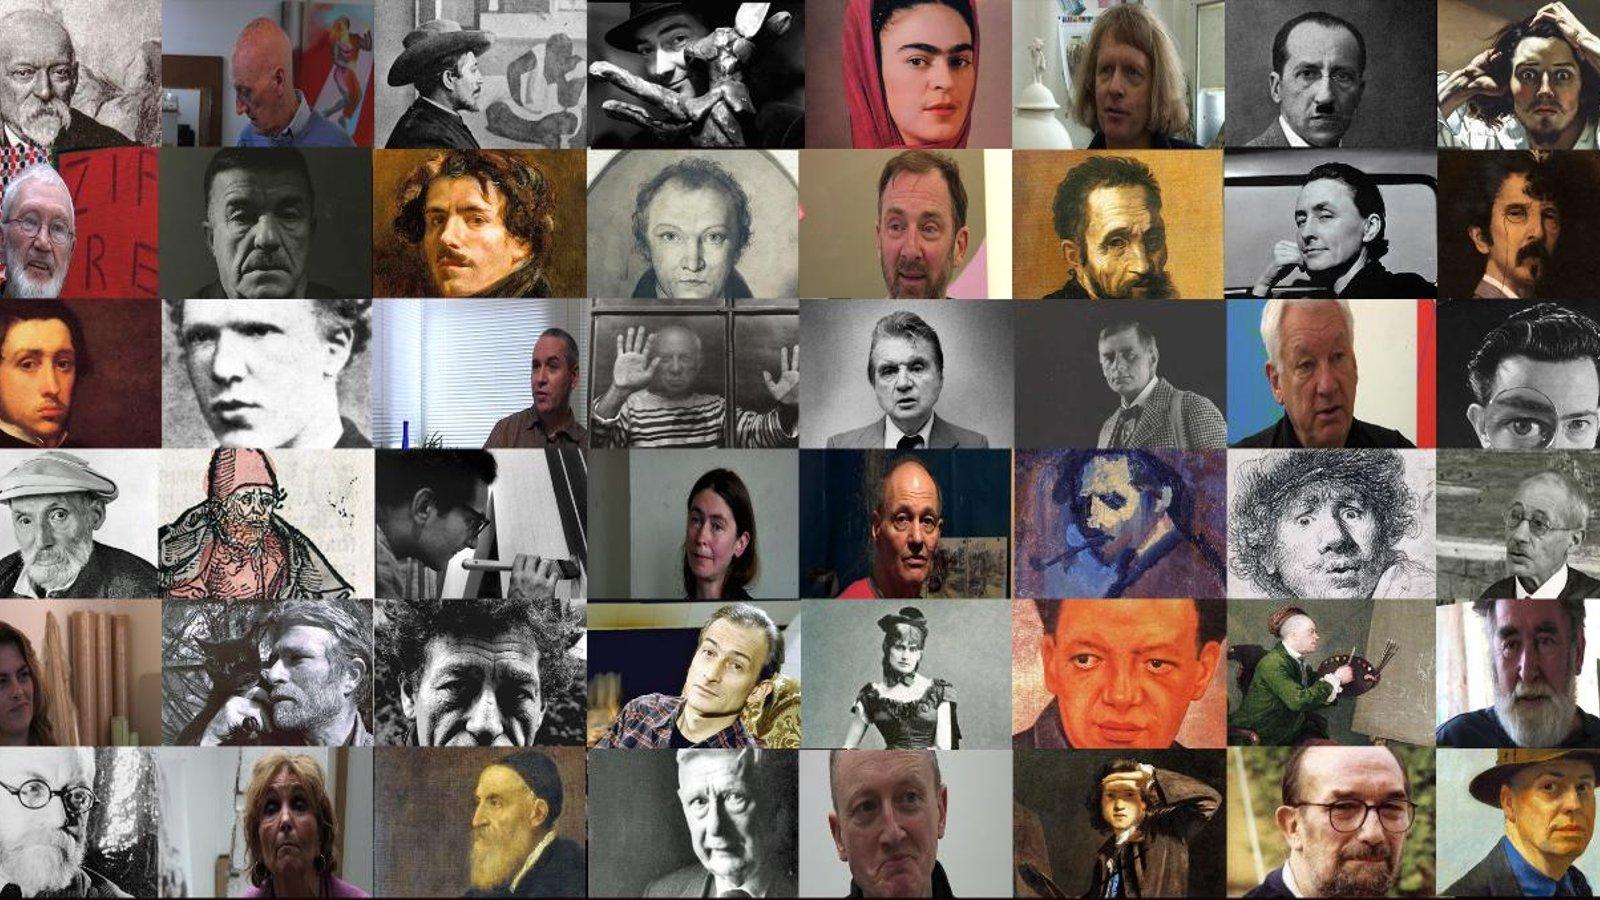 The Last Art Film - How Art is Passed On